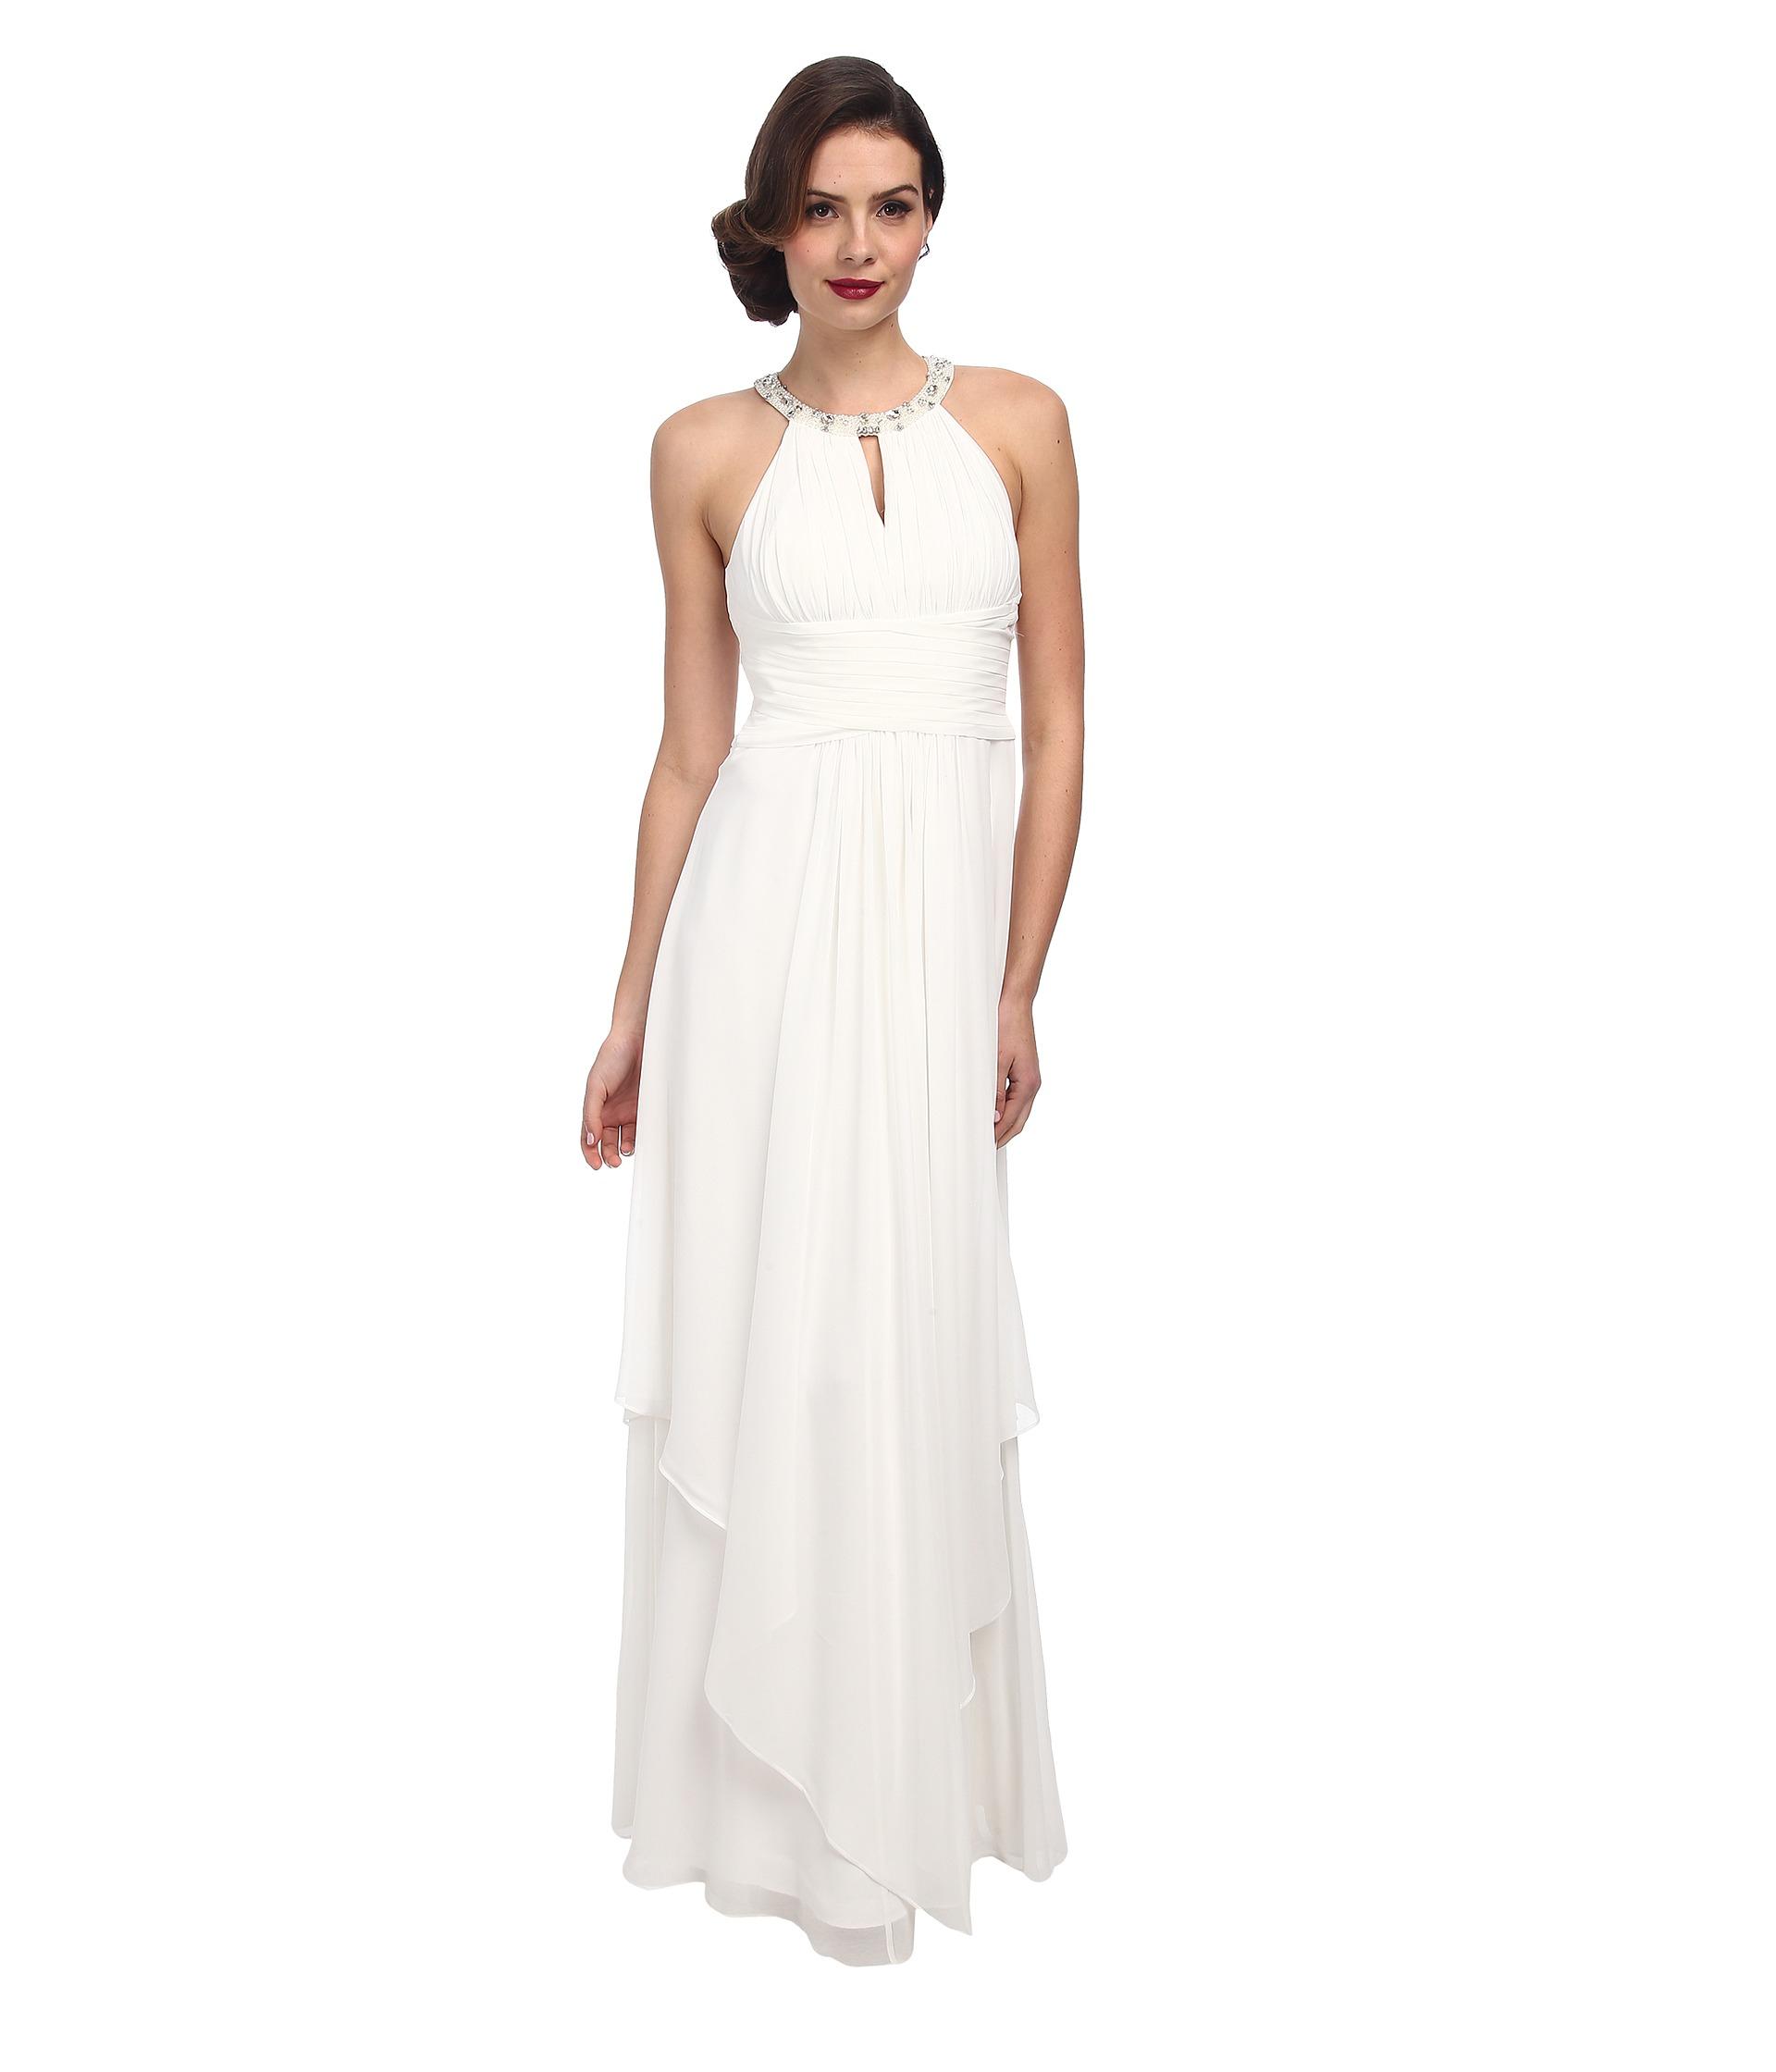 white halter beaded dress